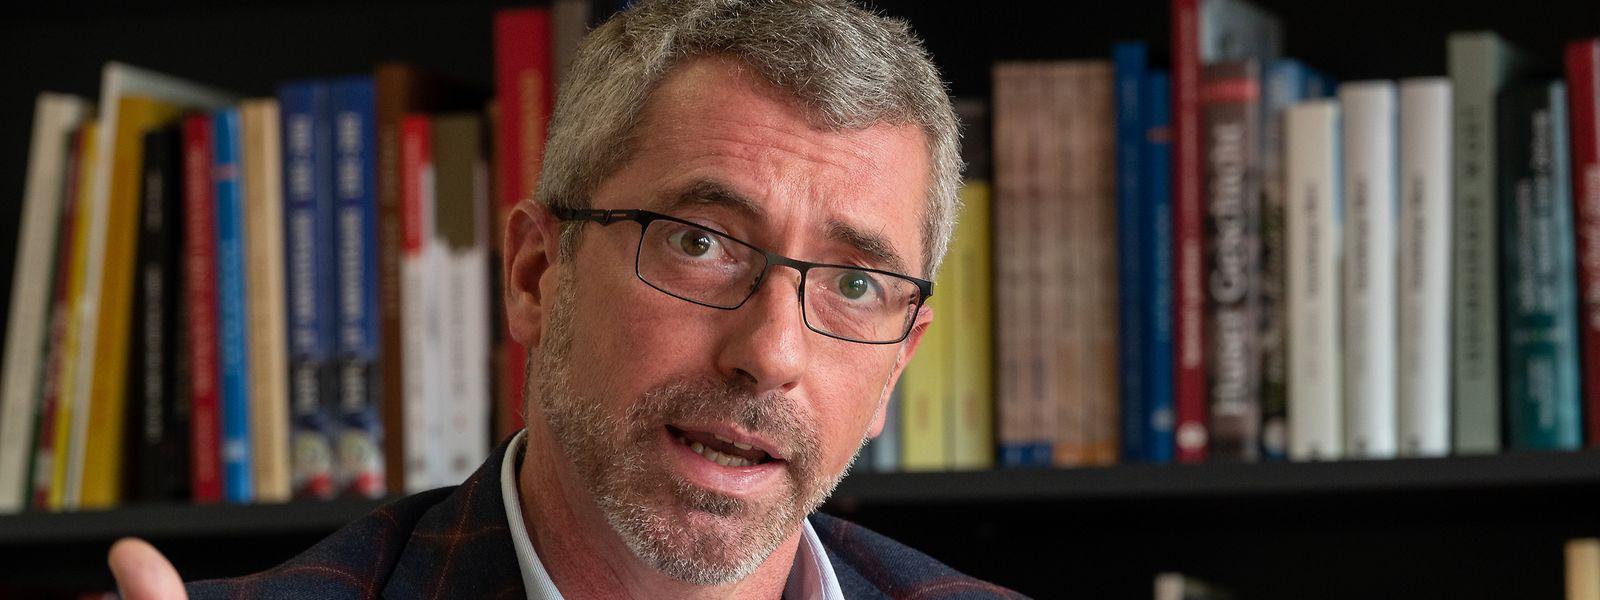 Frank Engel est prêt à s'engager dans un nouveau projet civique, mais plus au sein du parti chrétien-social.